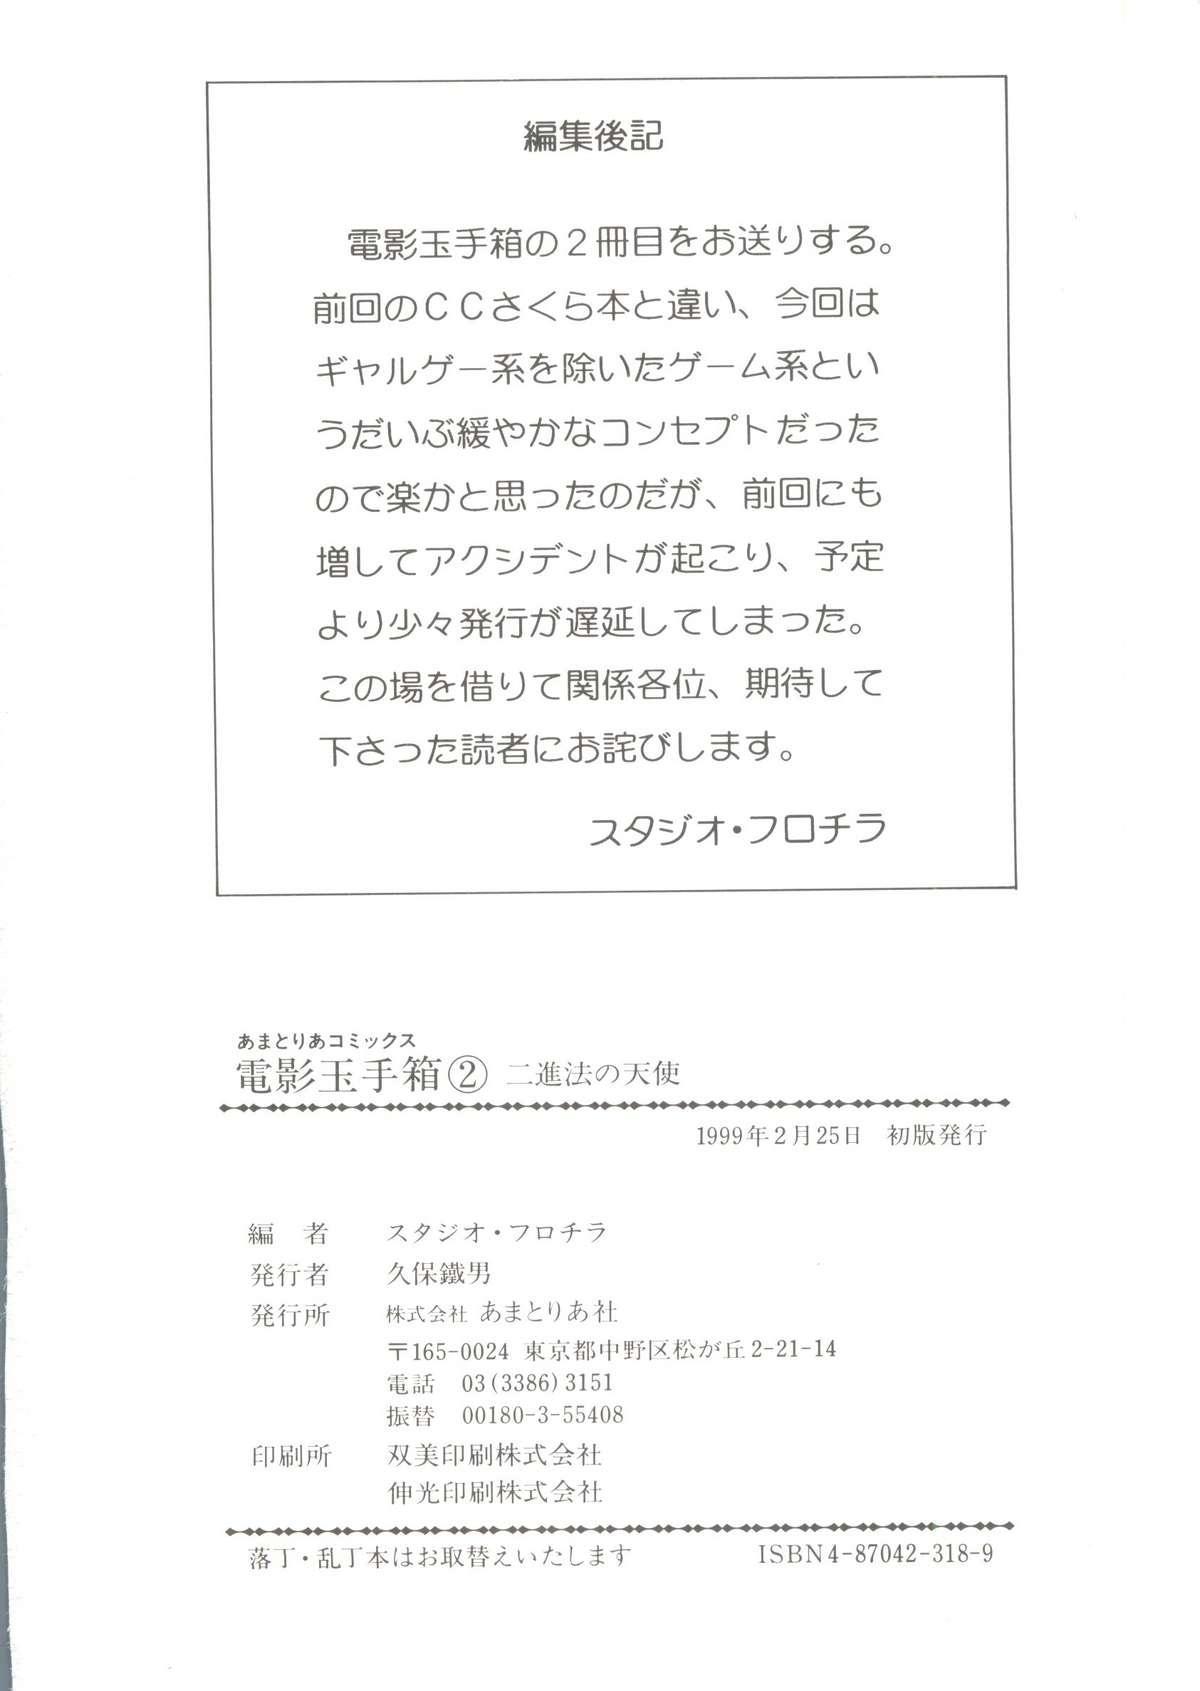 Denei Tamate Bako Bishoujo Doujinshi Anthology Vol. 2 - Nishinhou no Tenshi 141